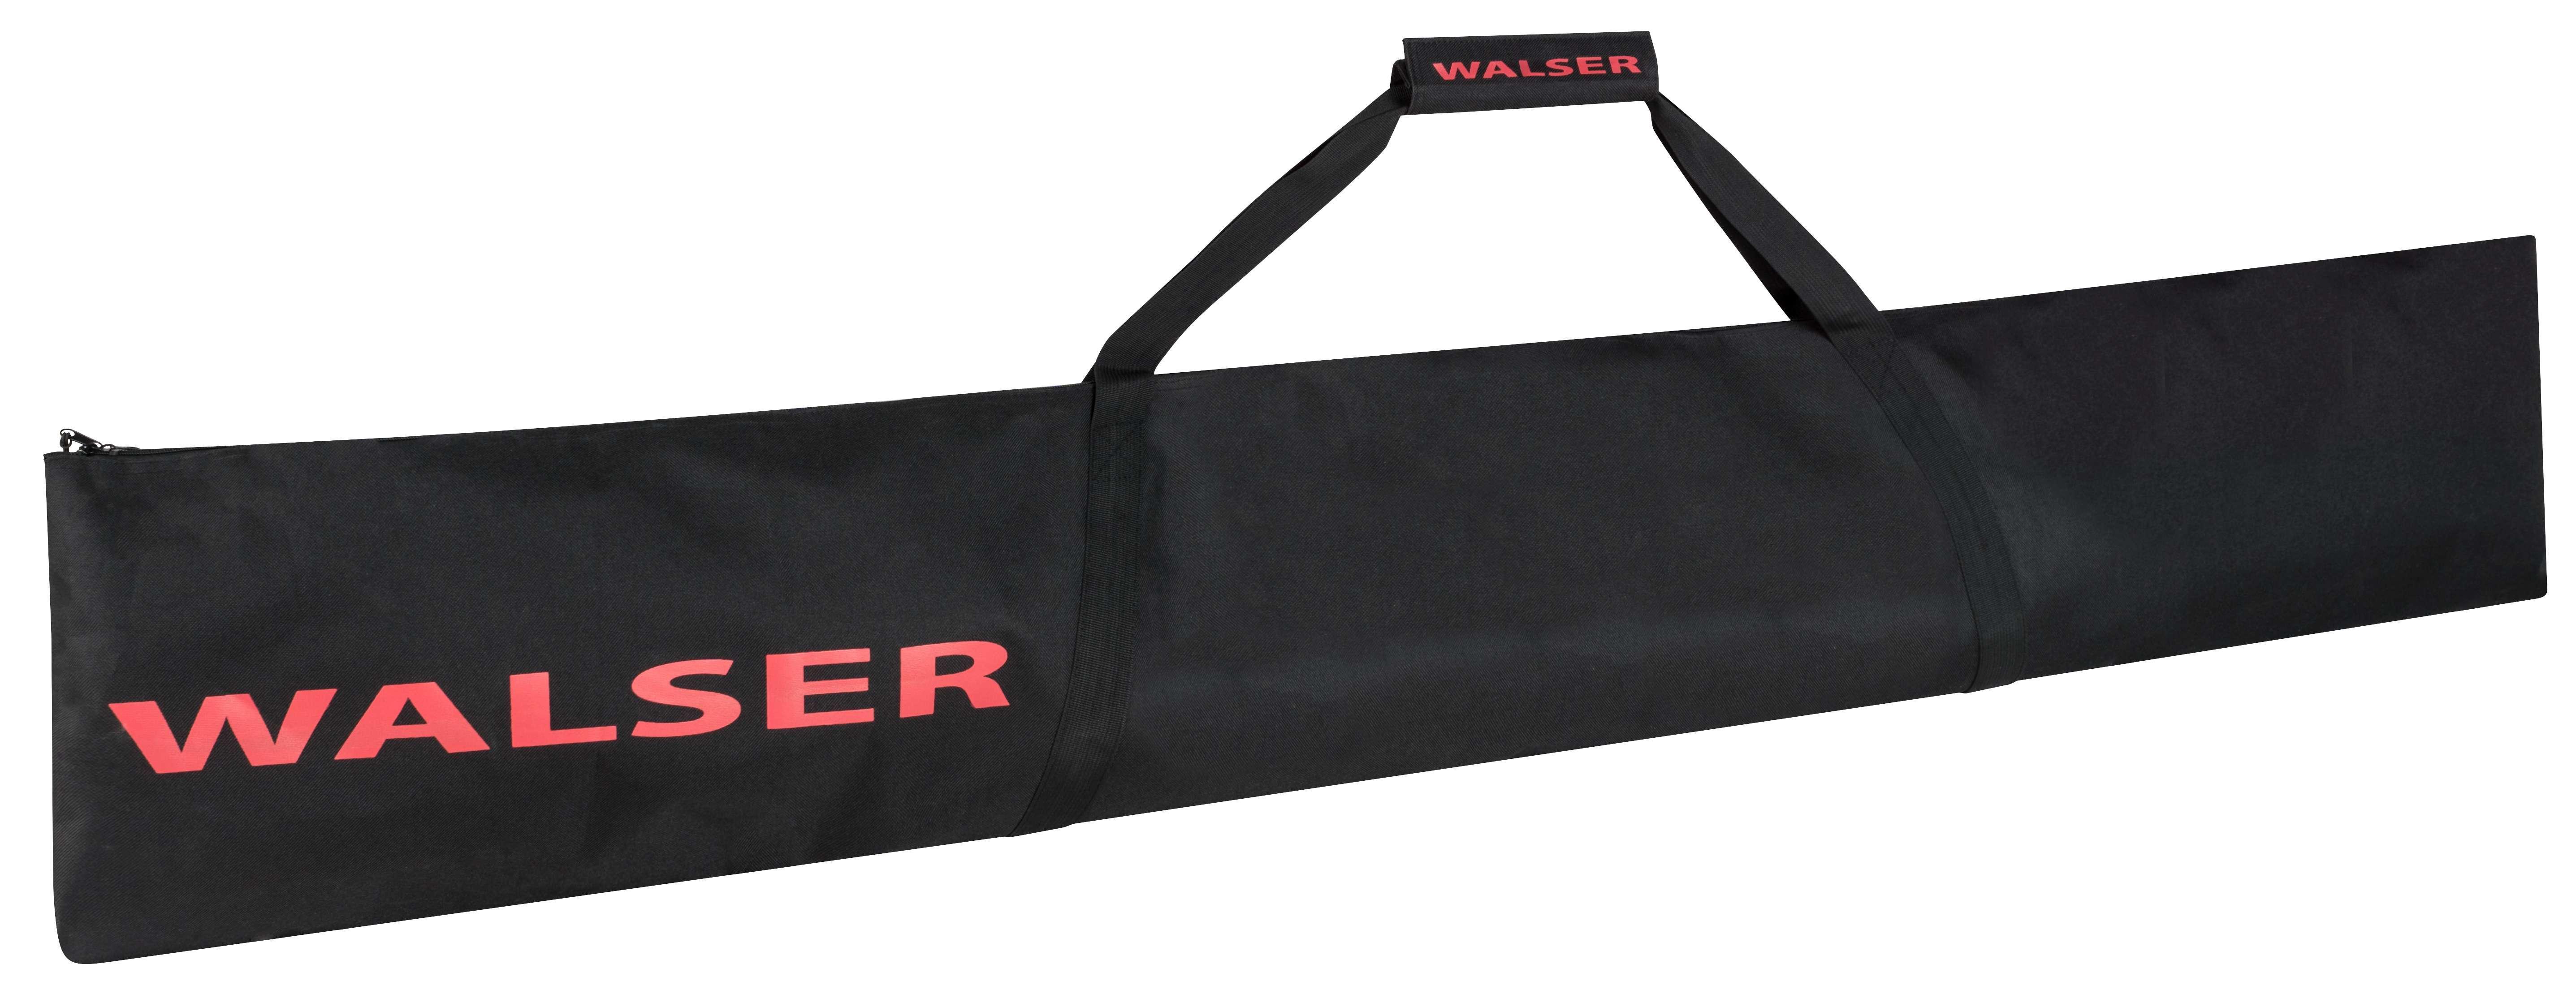 Skisack 30552 WALSER 30552 in Original Qualität